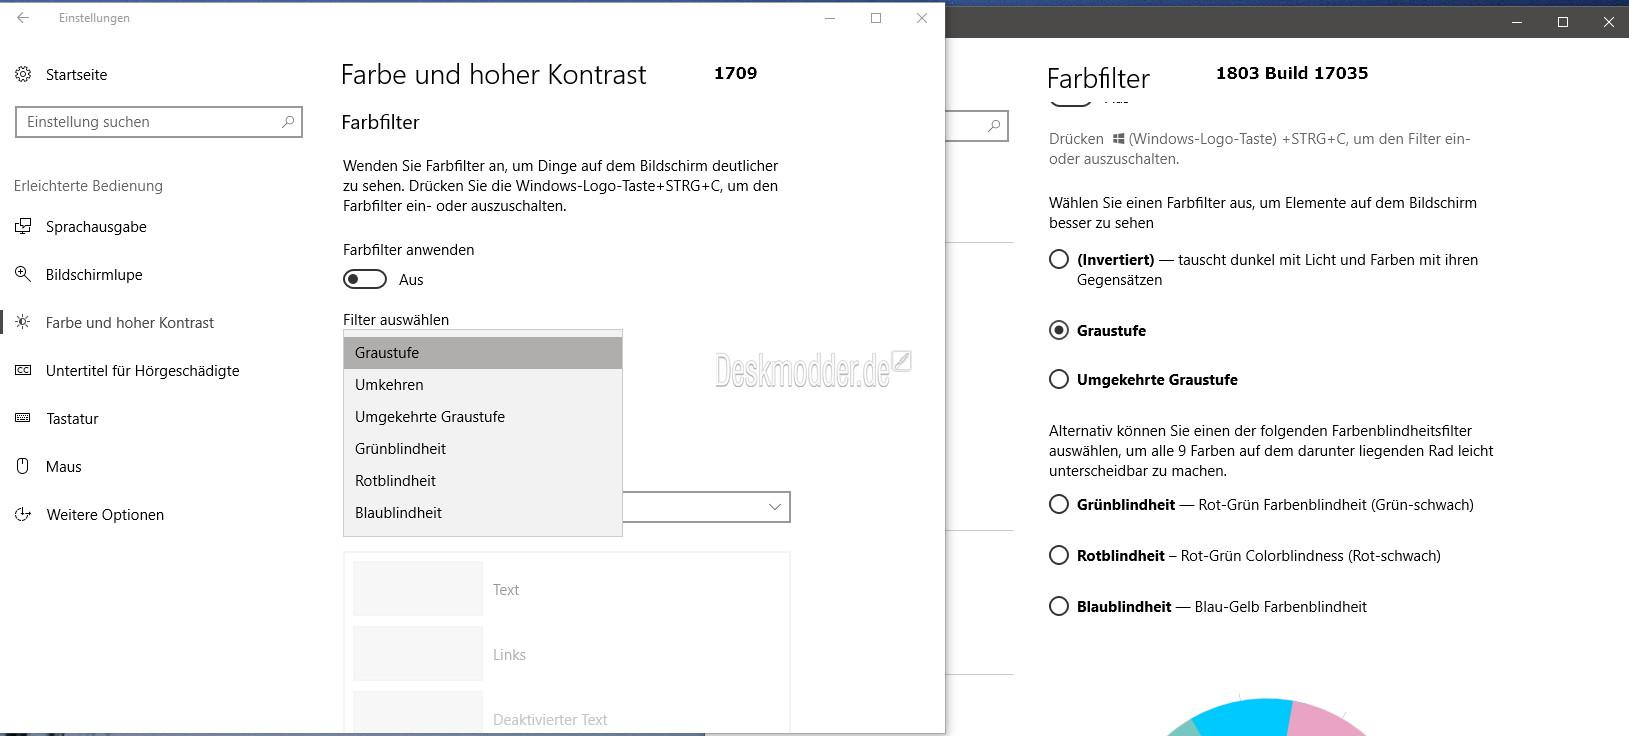 Farbfilter (Graustufen) in der Windows 10 17035 (1803